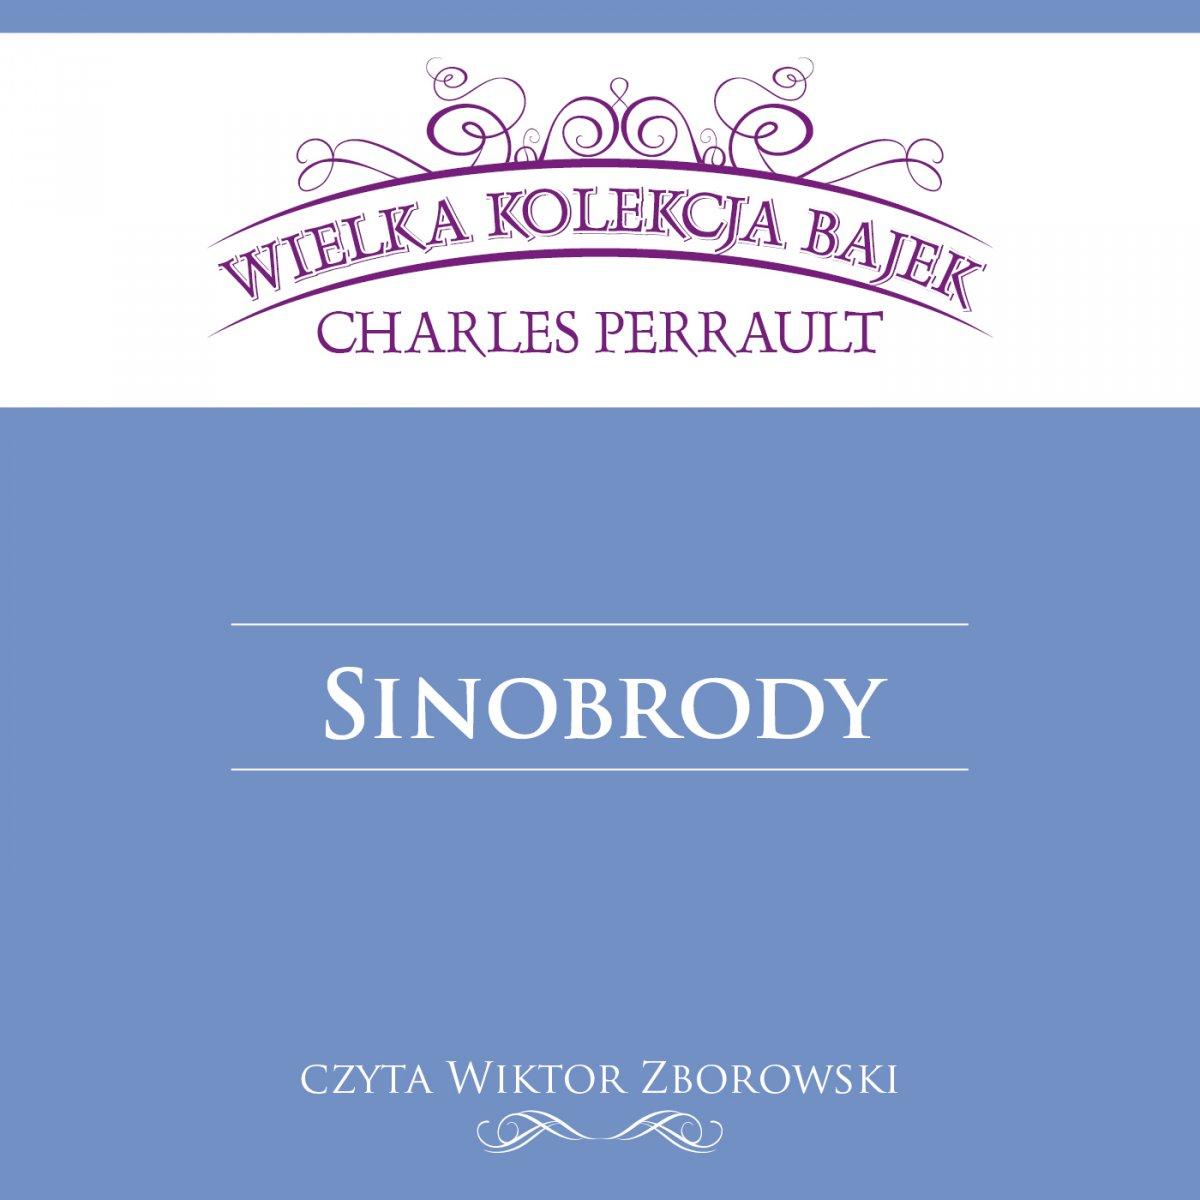 Sinobrody (Wielka Kolekcja Bajek) - Audiobook (Książka audio MP3) do pobrania w całości w archiwum ZIP